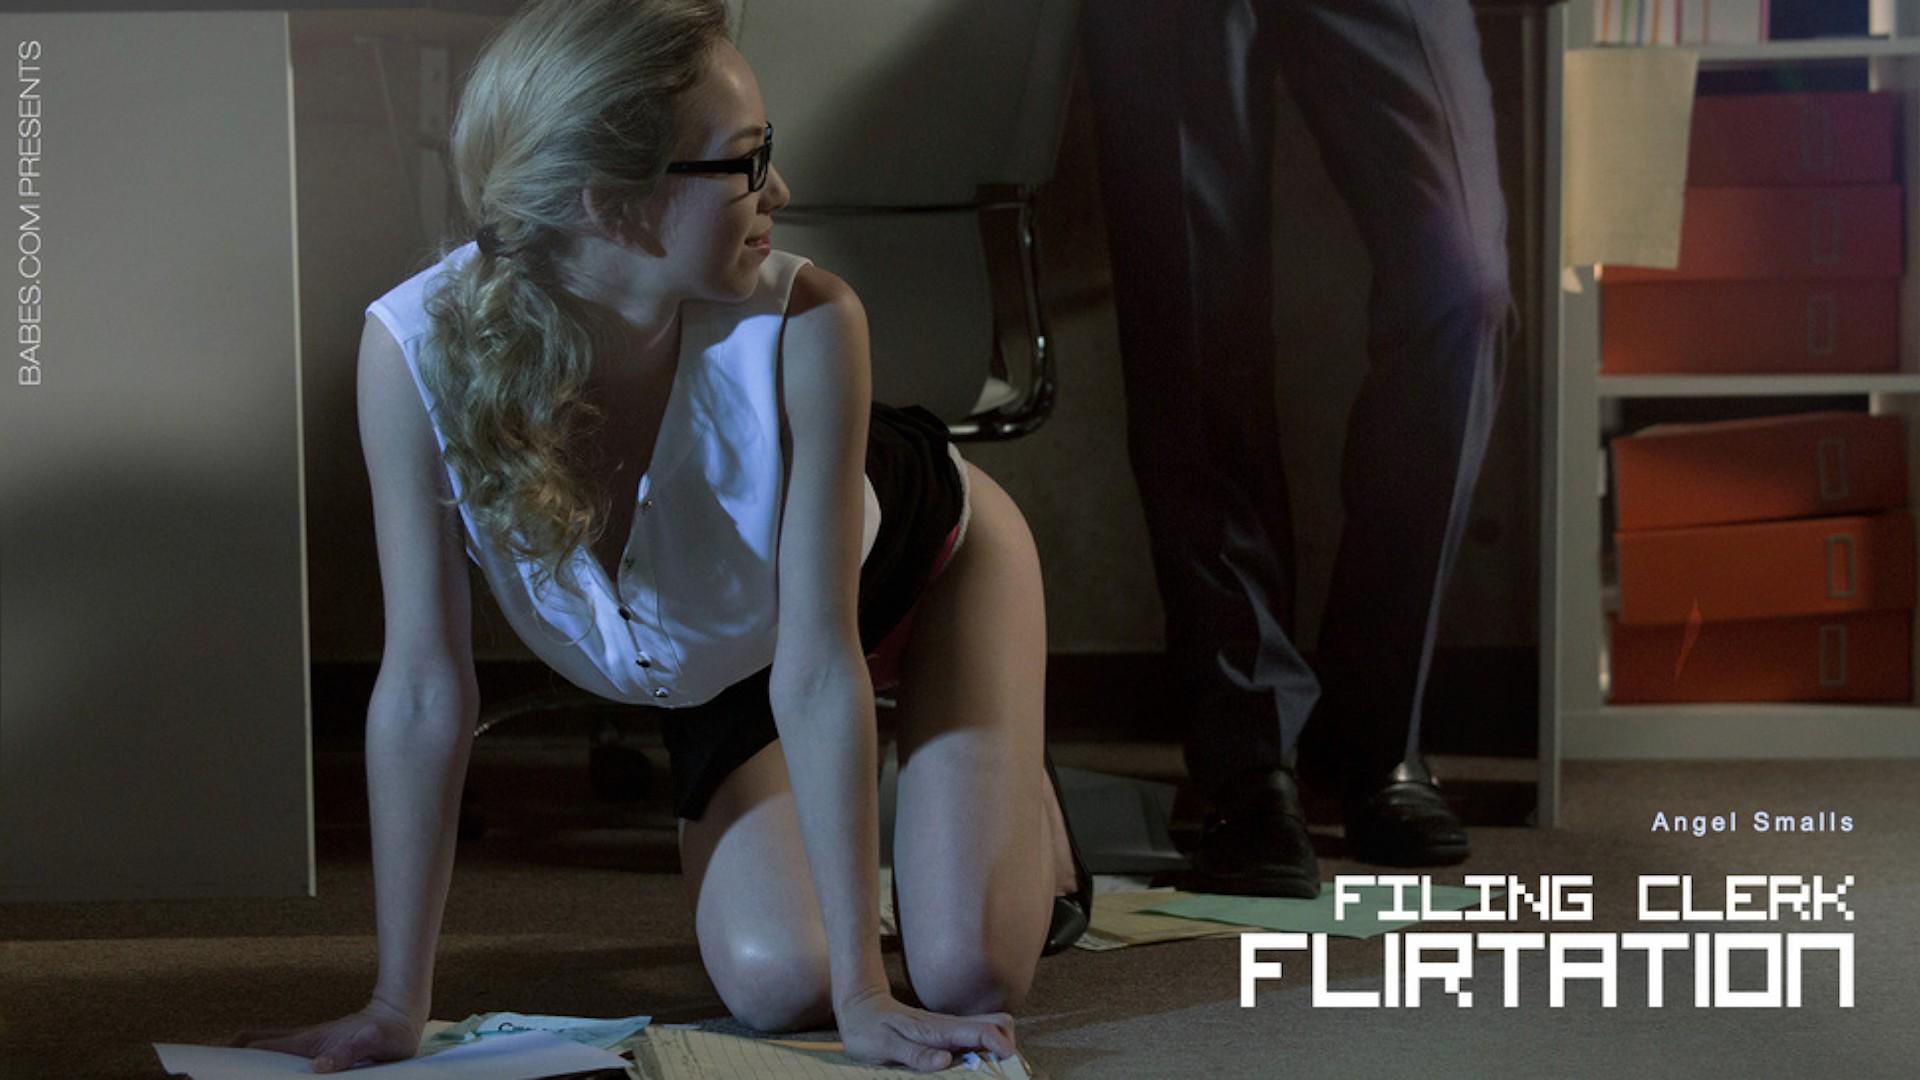 Filing Clerk Flirtation - Office Obsession